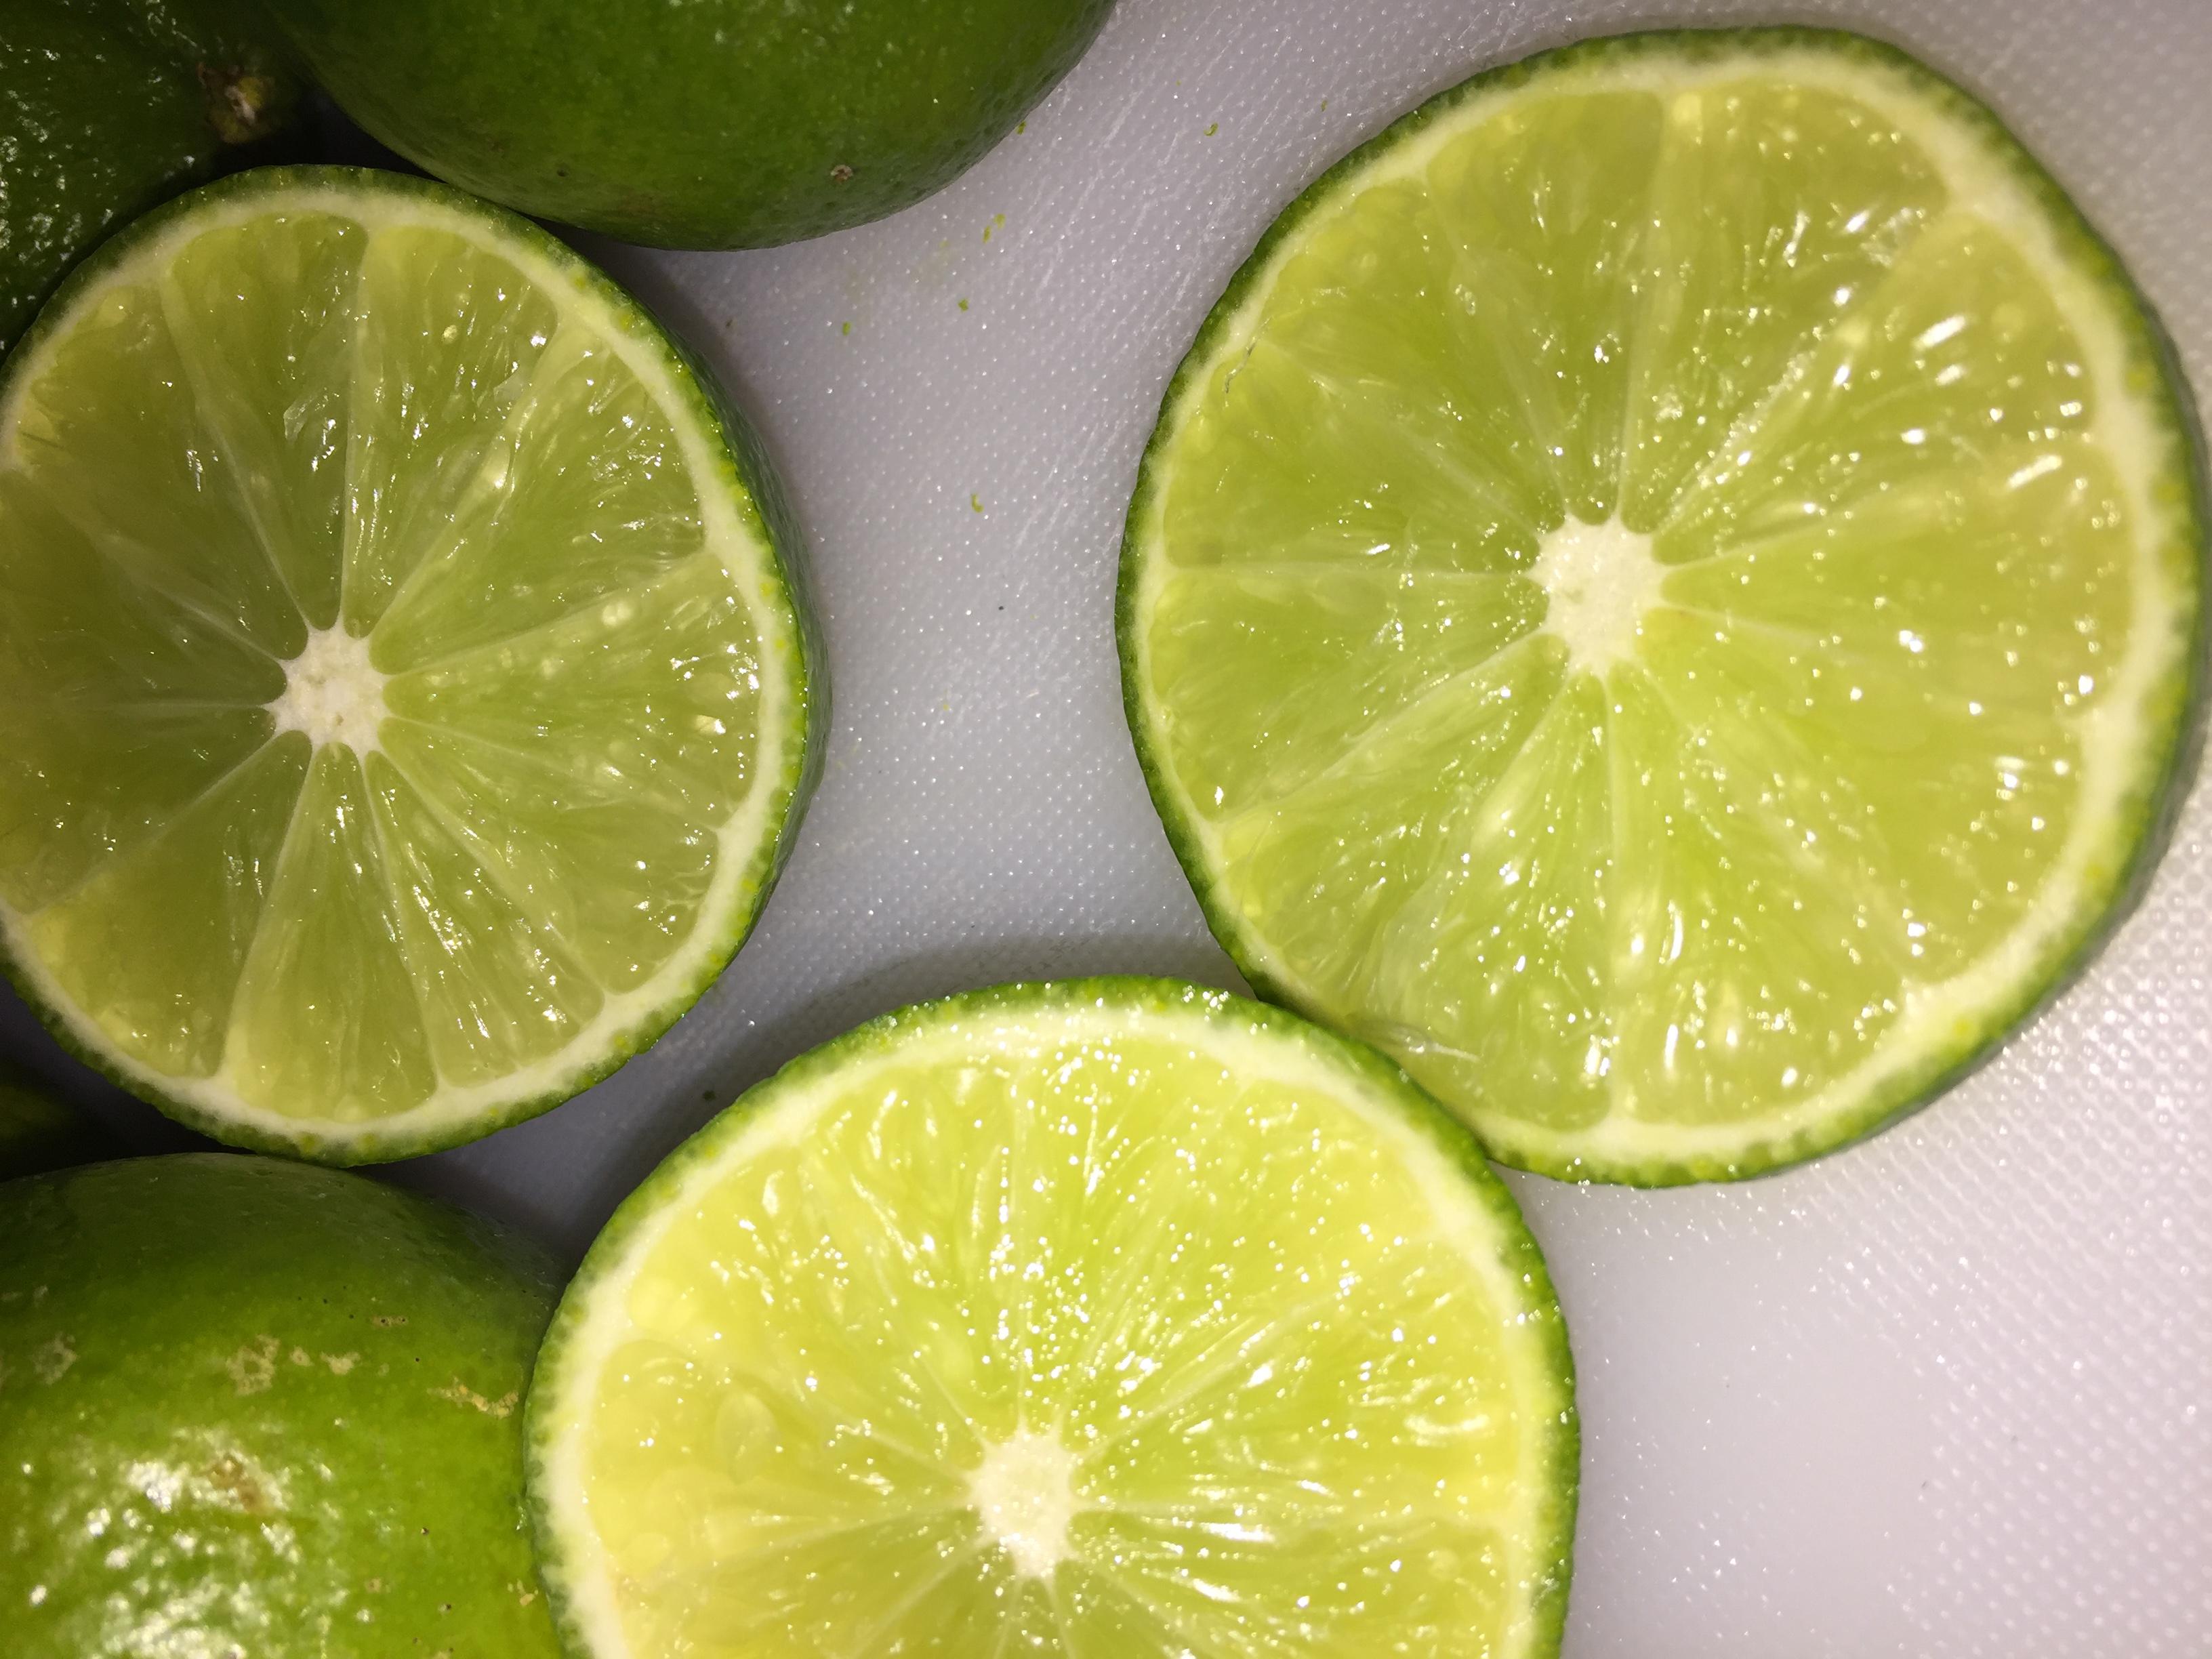 Lime Lemon water life - Fibroid Life